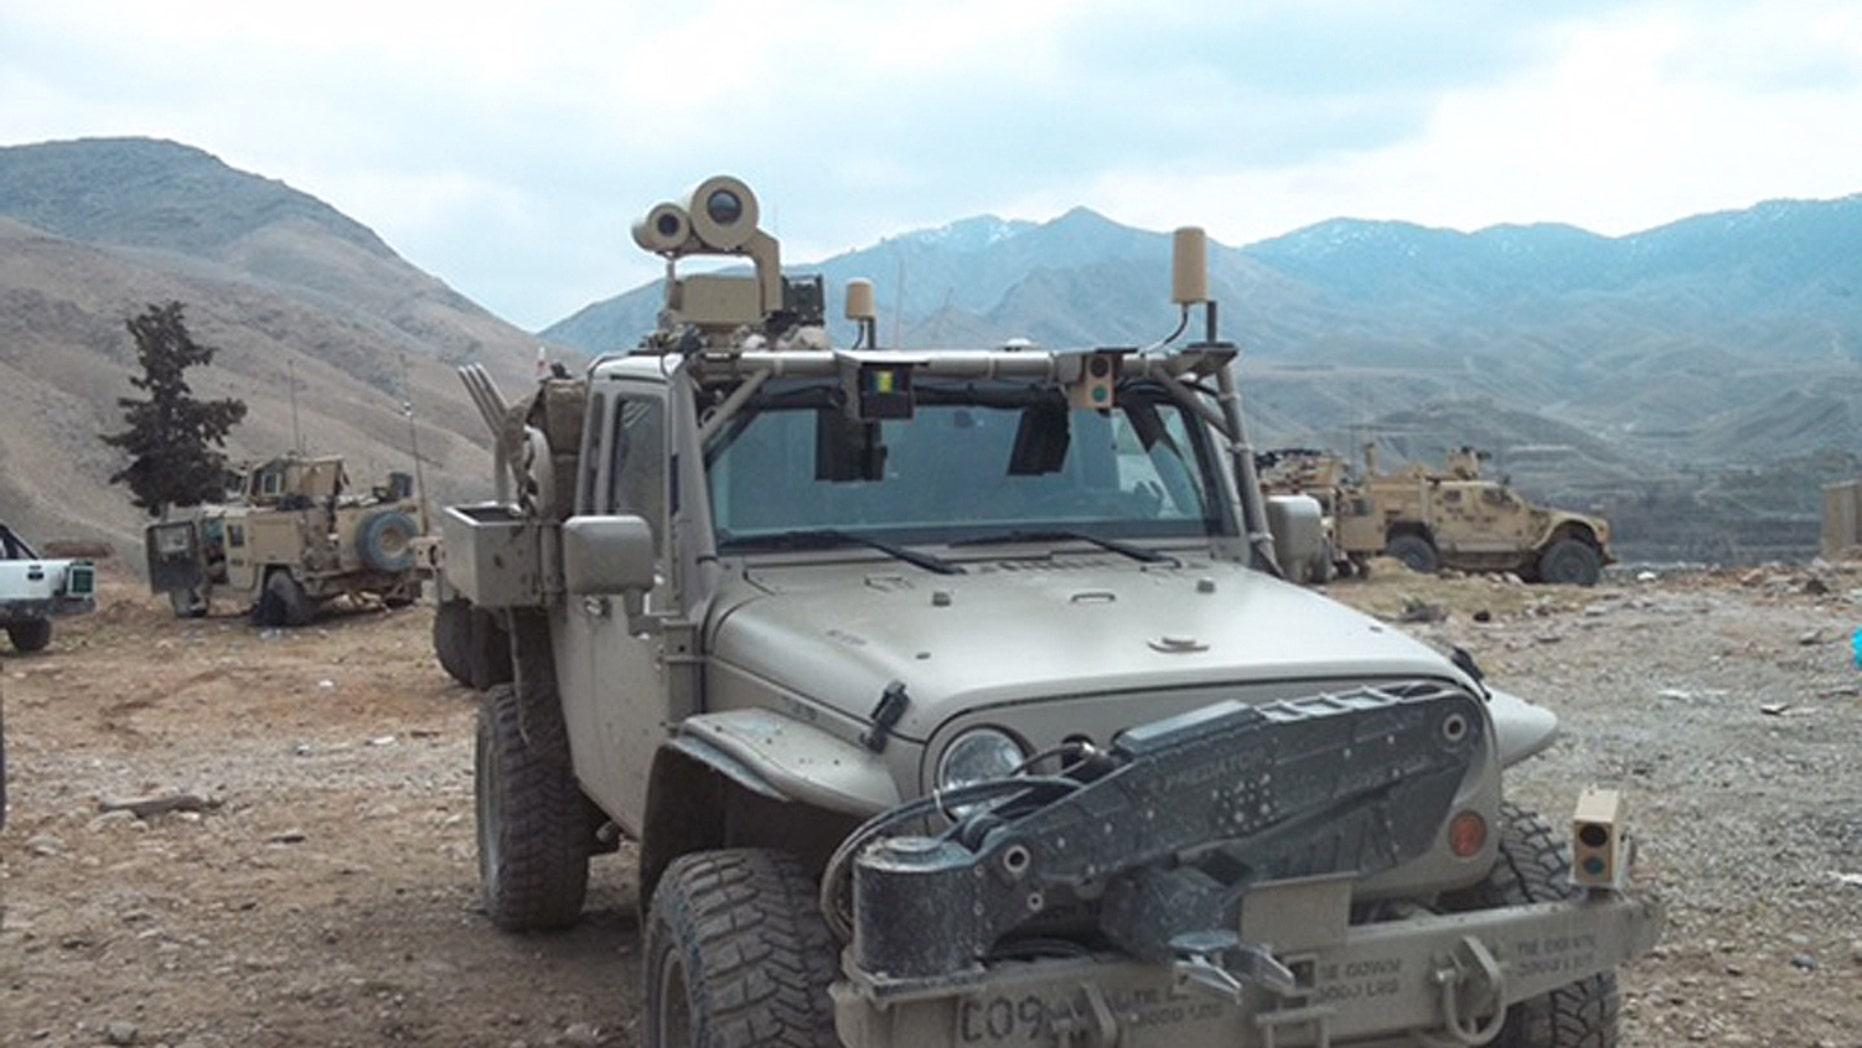 Commando Jeep (Photo: Hendrick Dynamics)